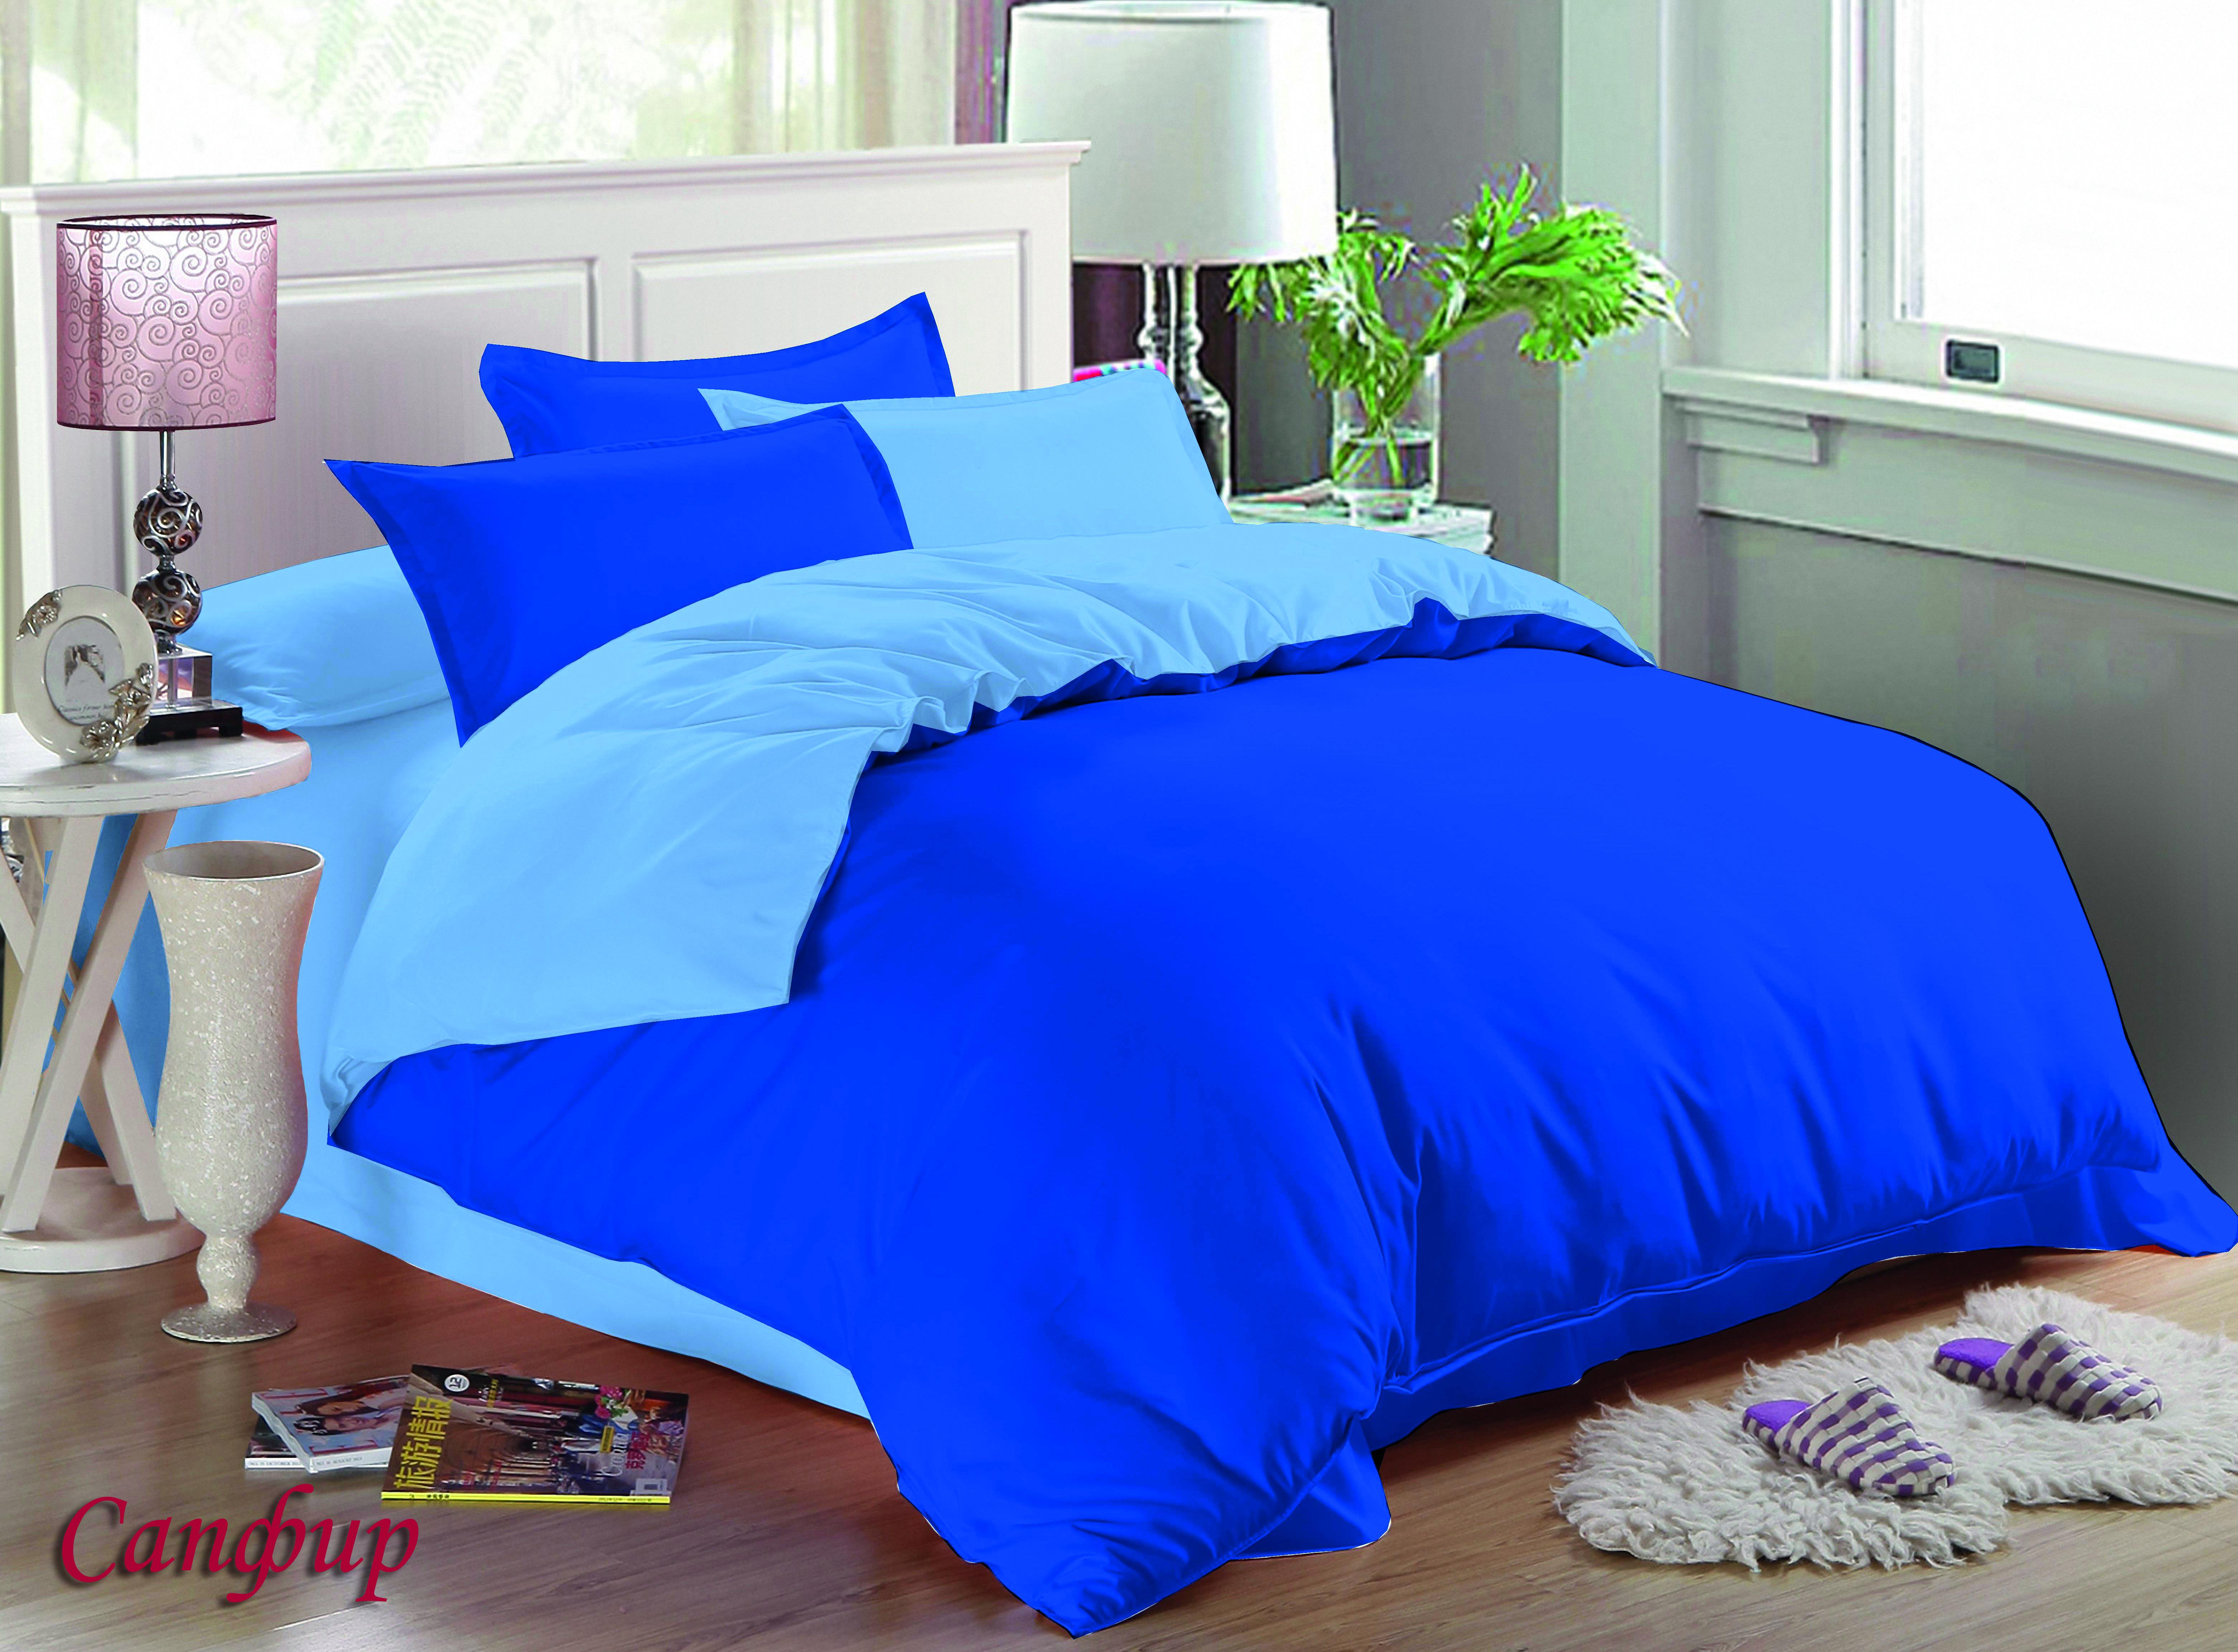 Комплекты постельного белья Amore Mio amm494841